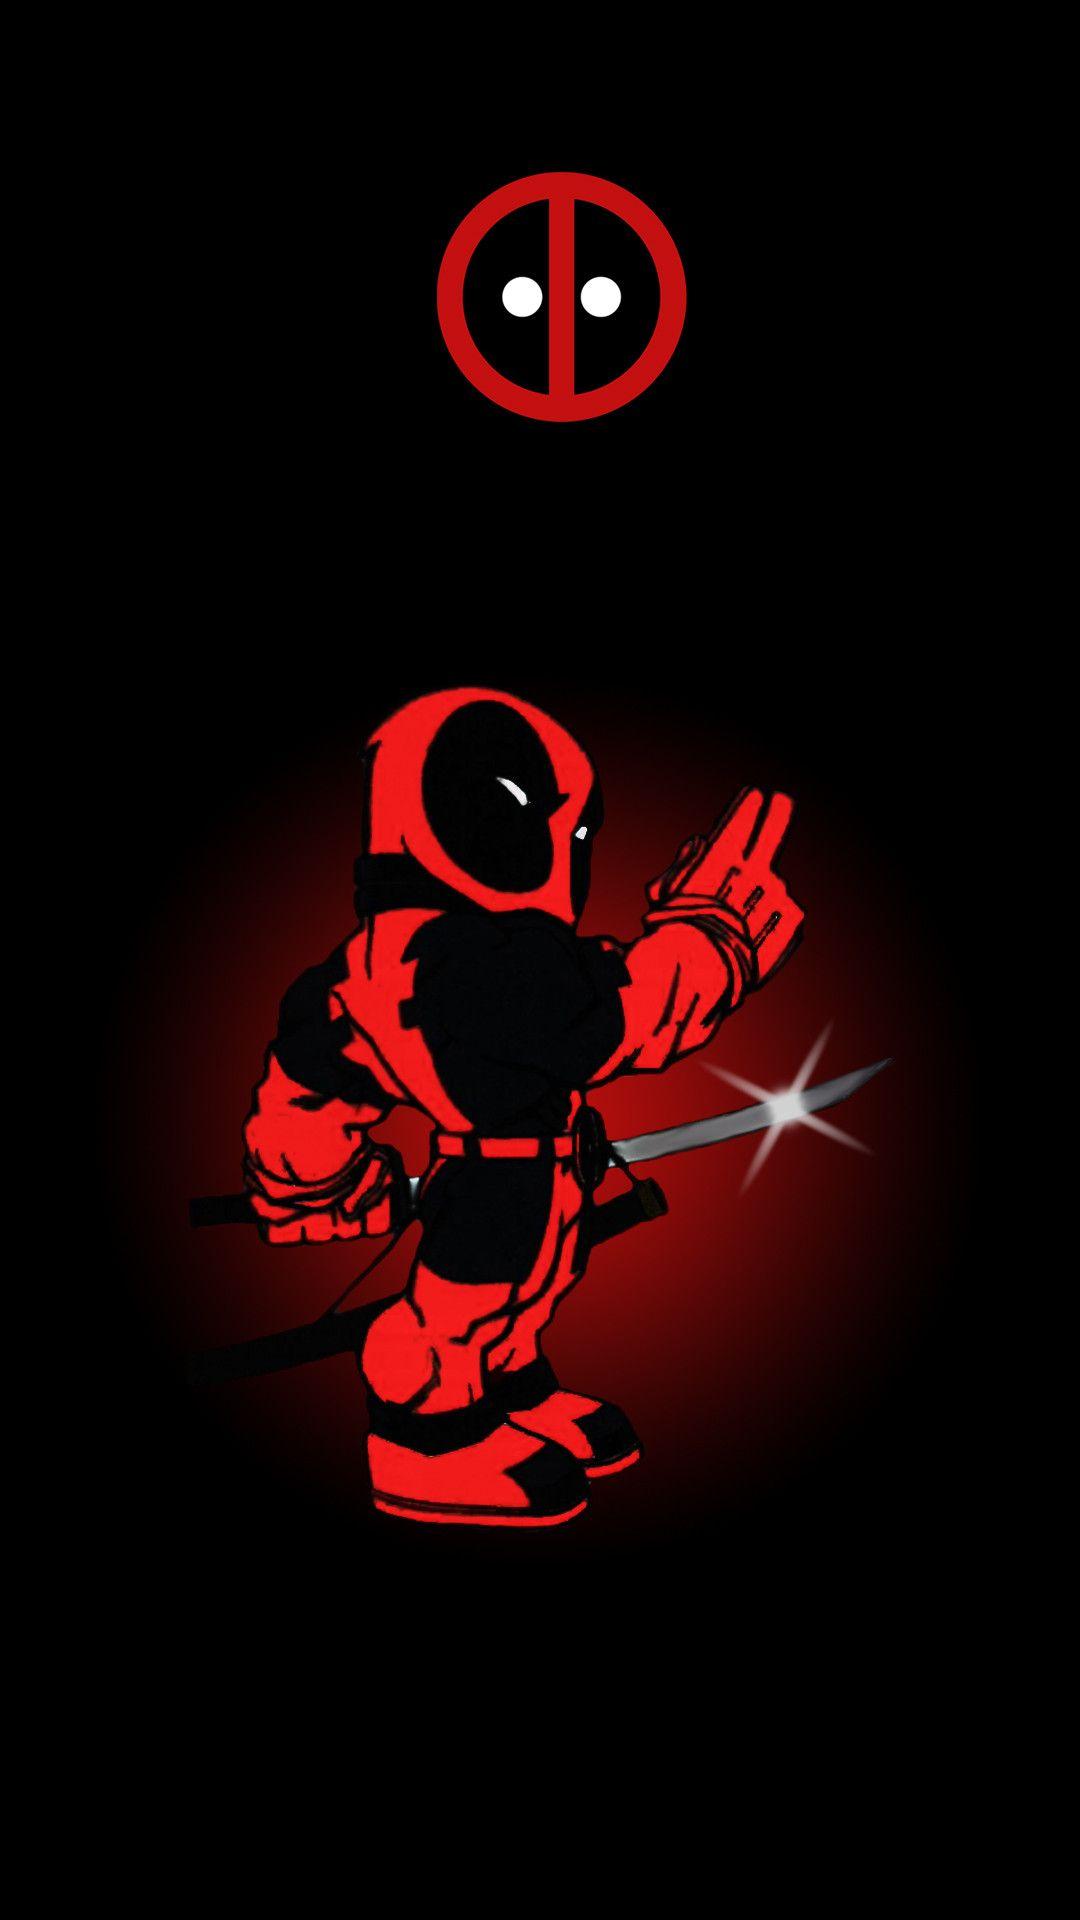 Funny Deadpool Wallpaper Hd In 2020 Deadpool Wallpaper Superhero Wallpaper Cool Wallpapers For Phones